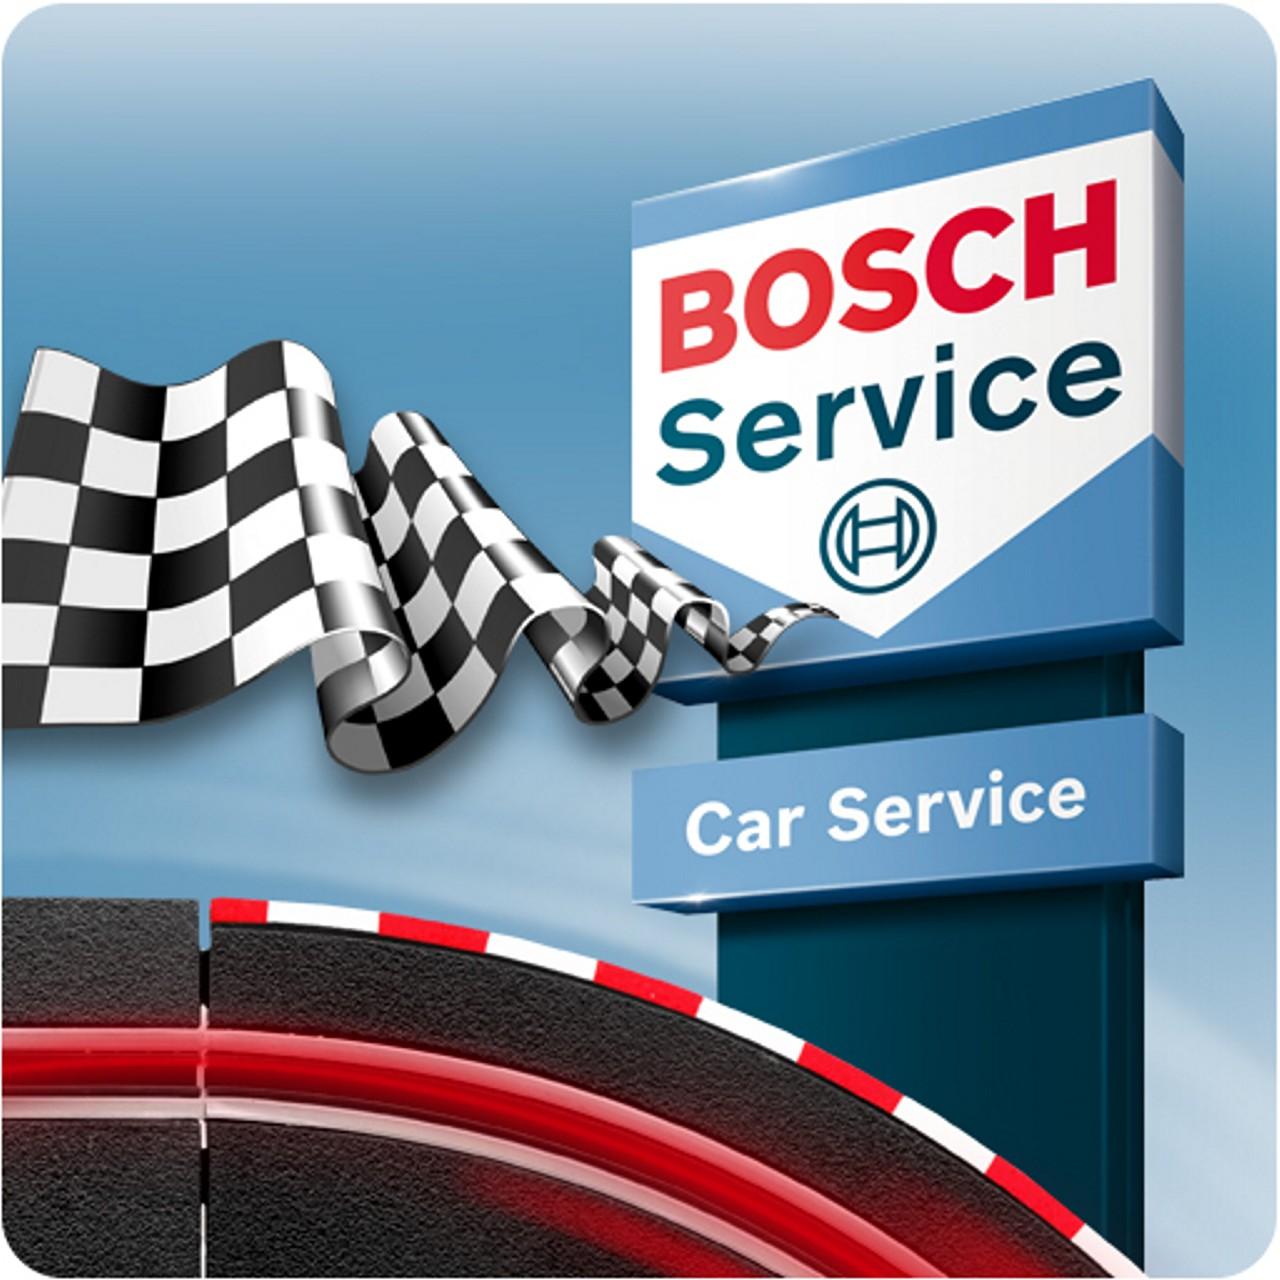 Centro Bosh Car Service